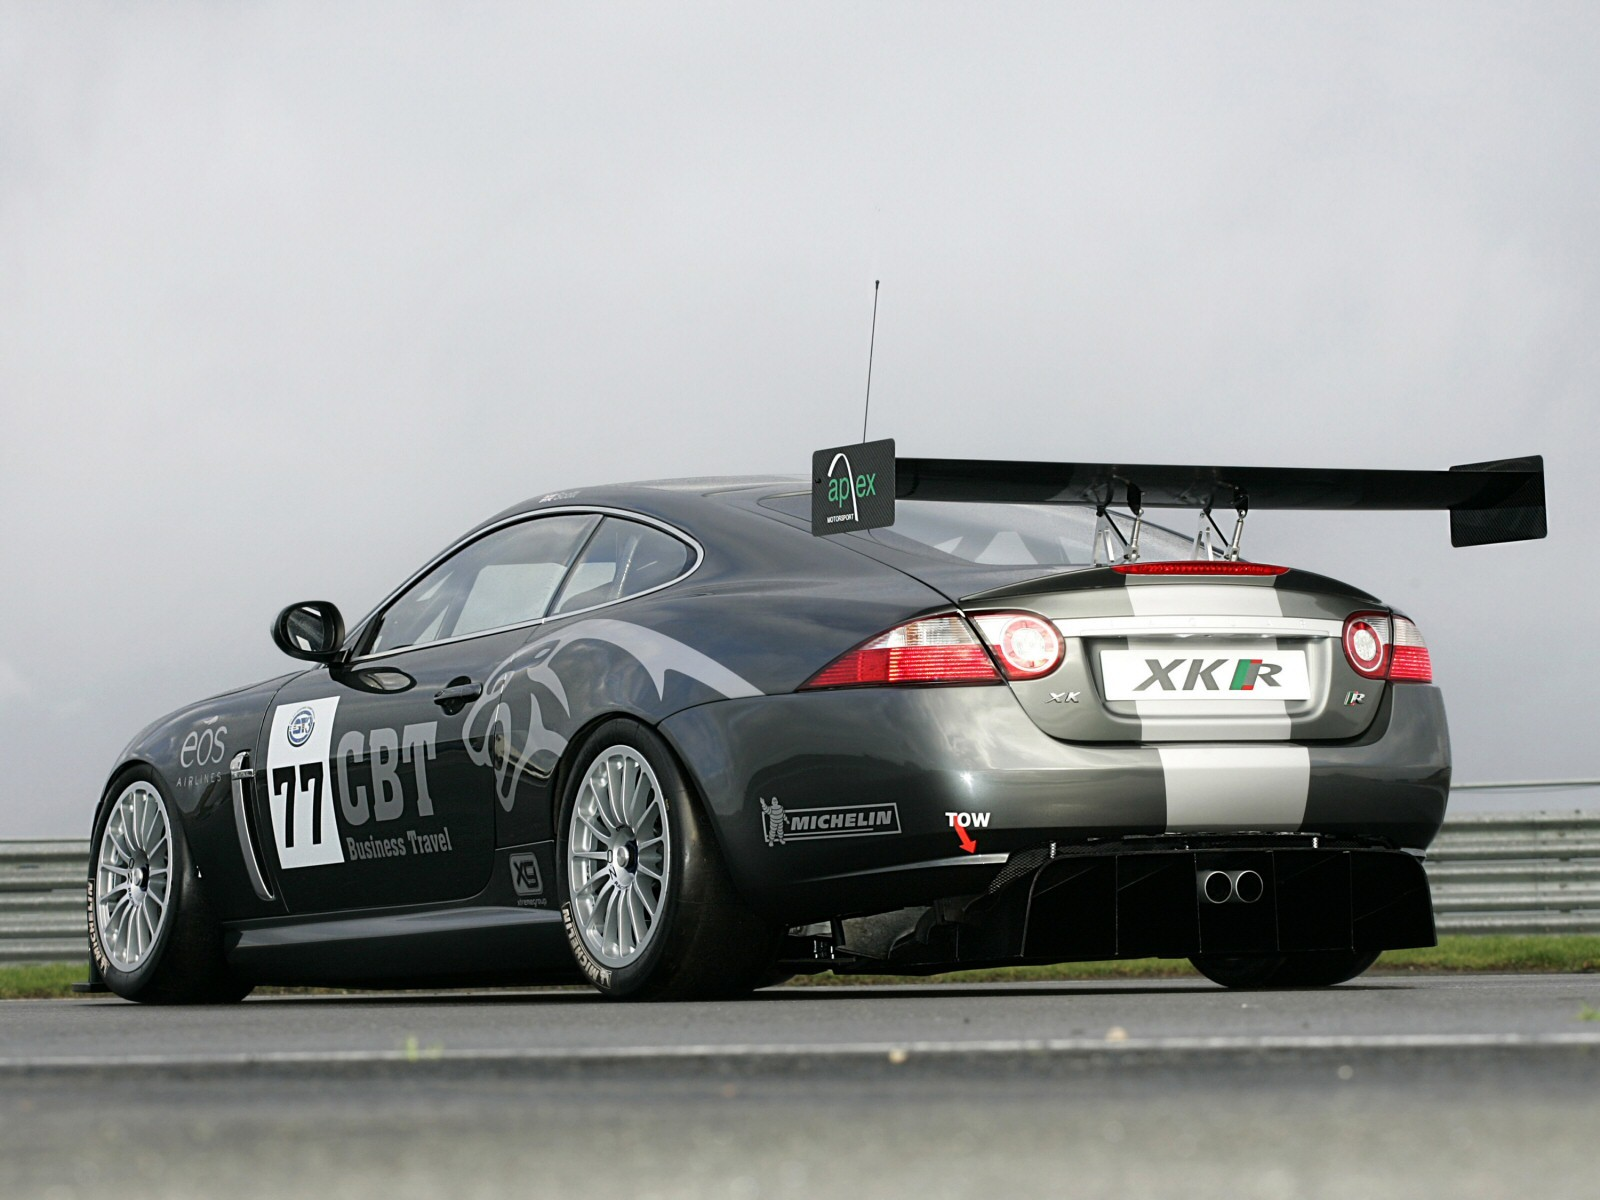 2007 Jaguar XKR GT3